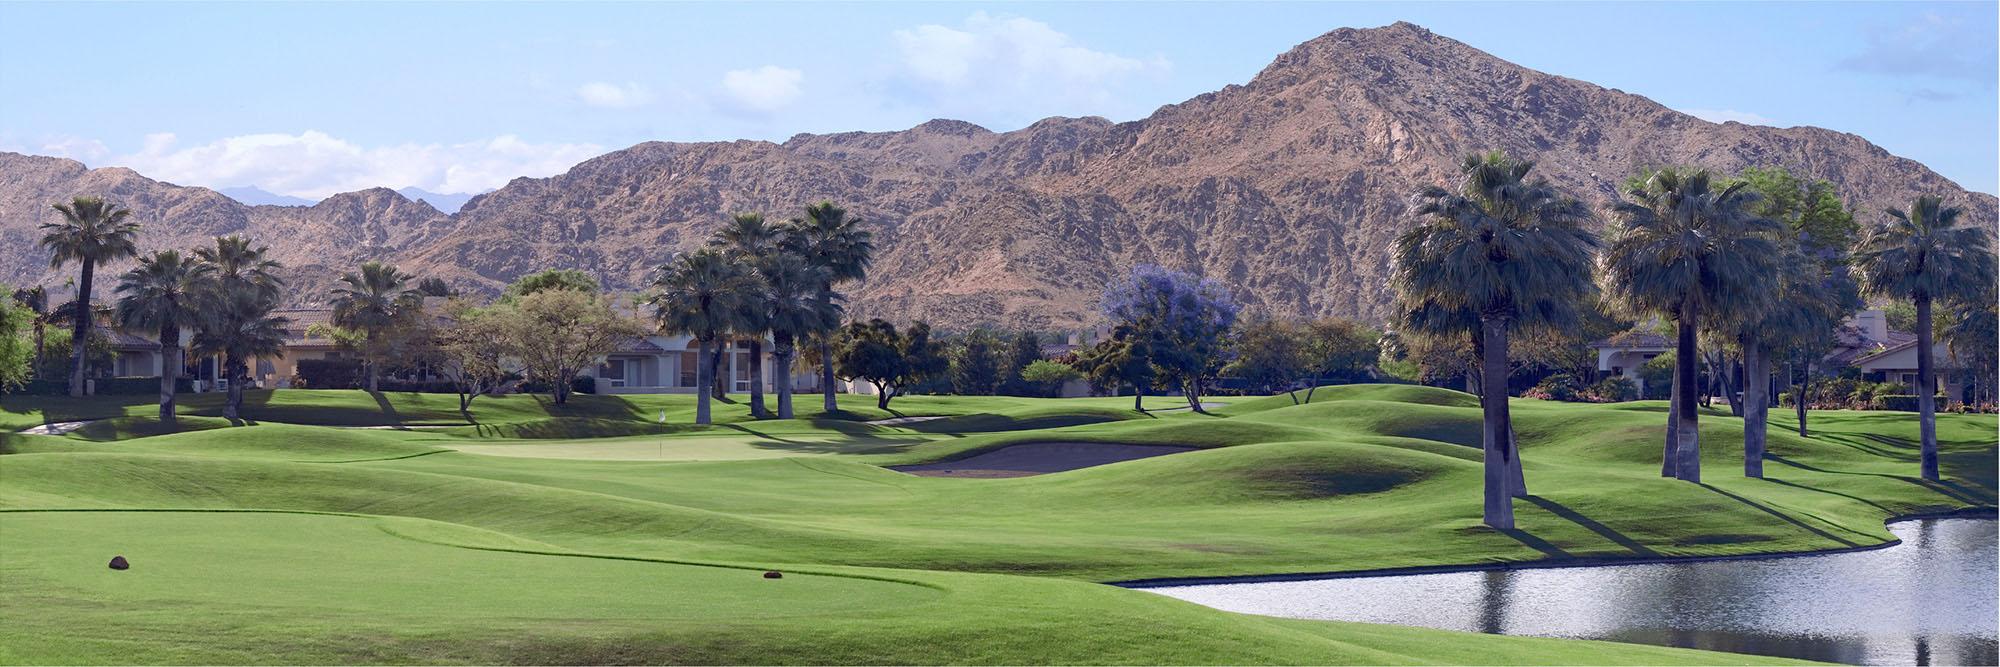 Golf Course Image - Rancho La Quinta Jones No. 15